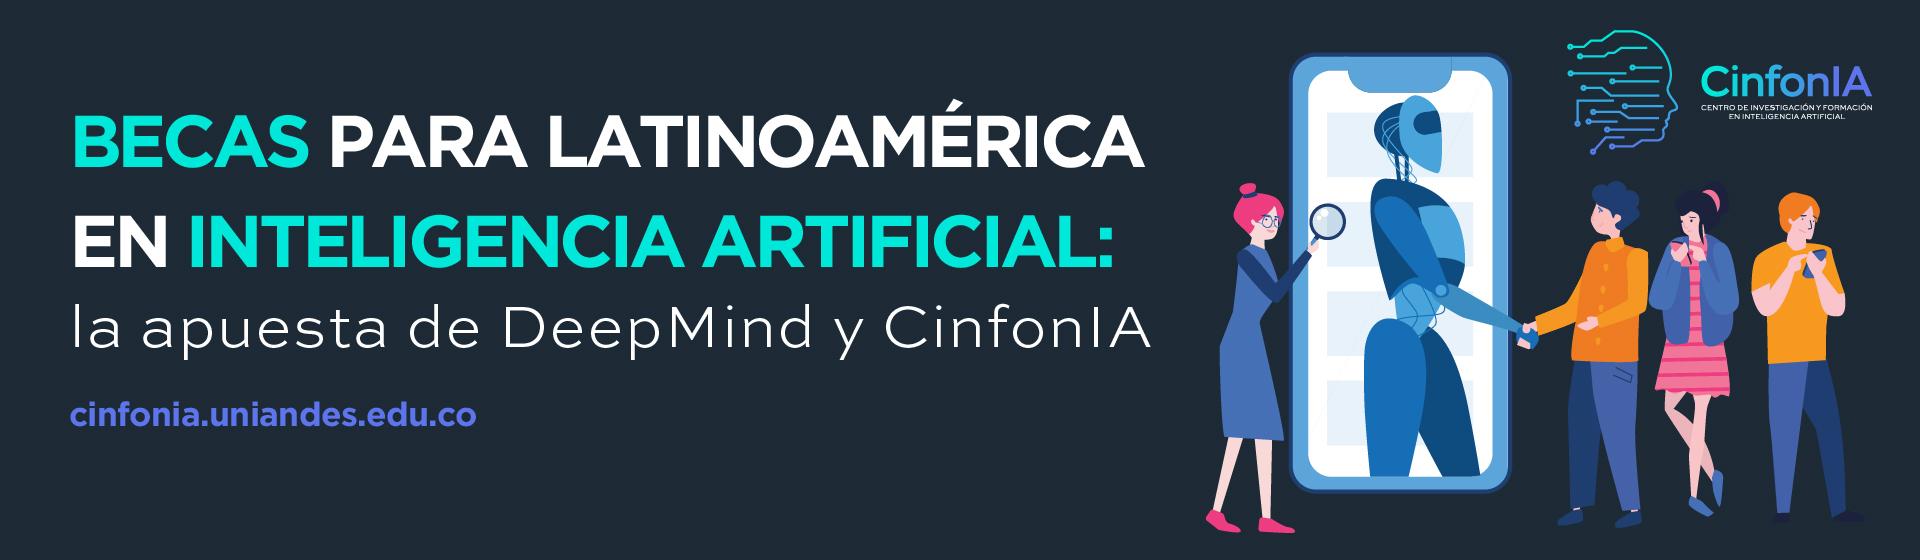 Becas para Latinoamérica en inteligencia artificial: la apuesta de DeepMind y CinfonIA